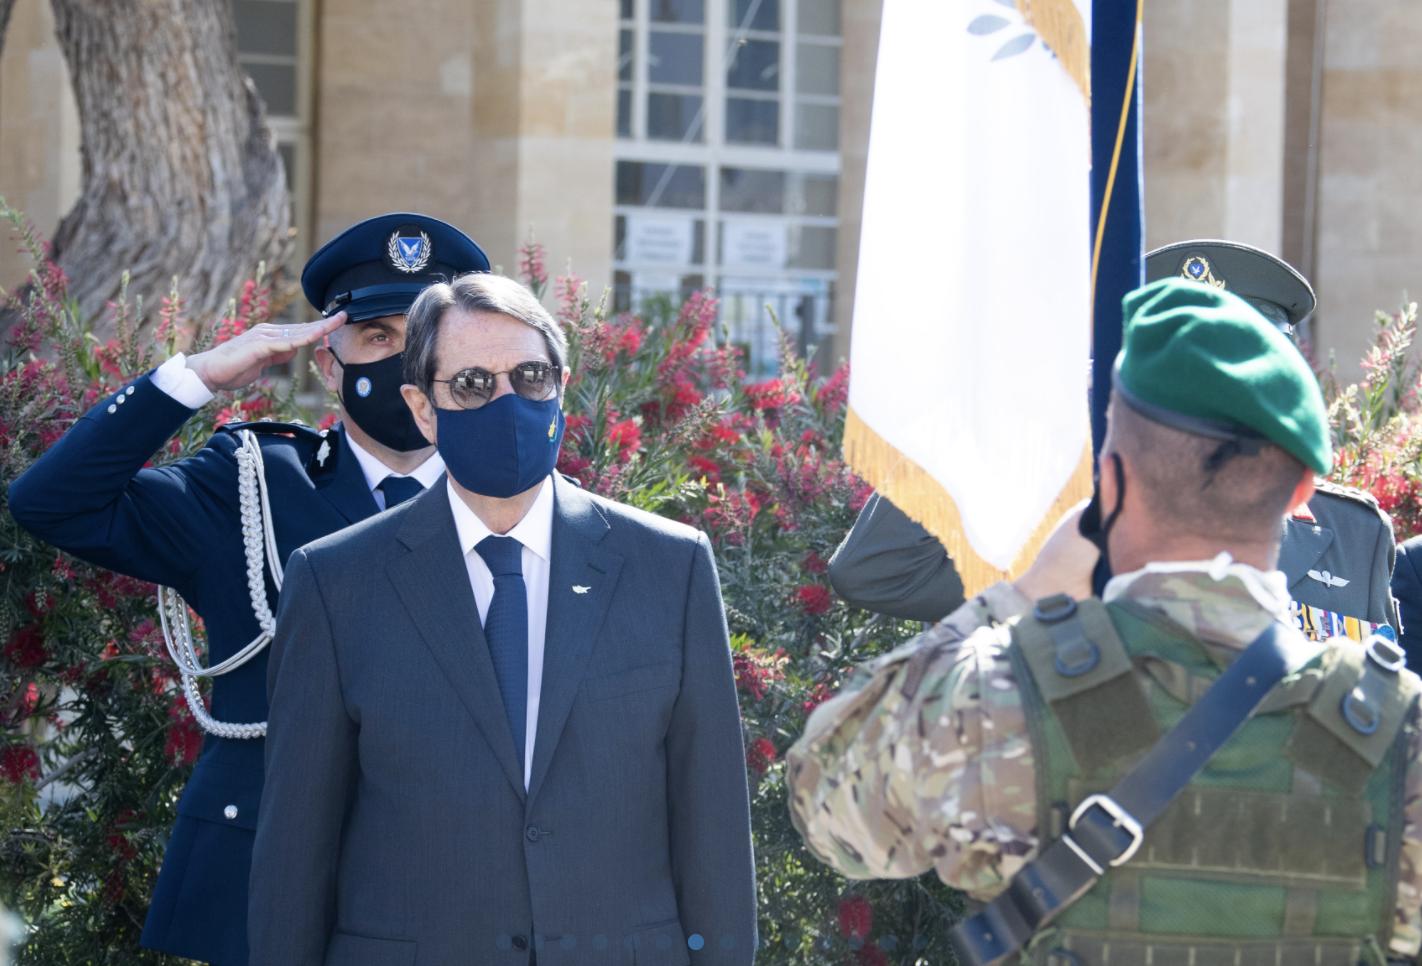 Κύπρος: Ο Πρόεδρος παρέστη στους εορτασμούς για την επέτειο της 1ης Απριλίου